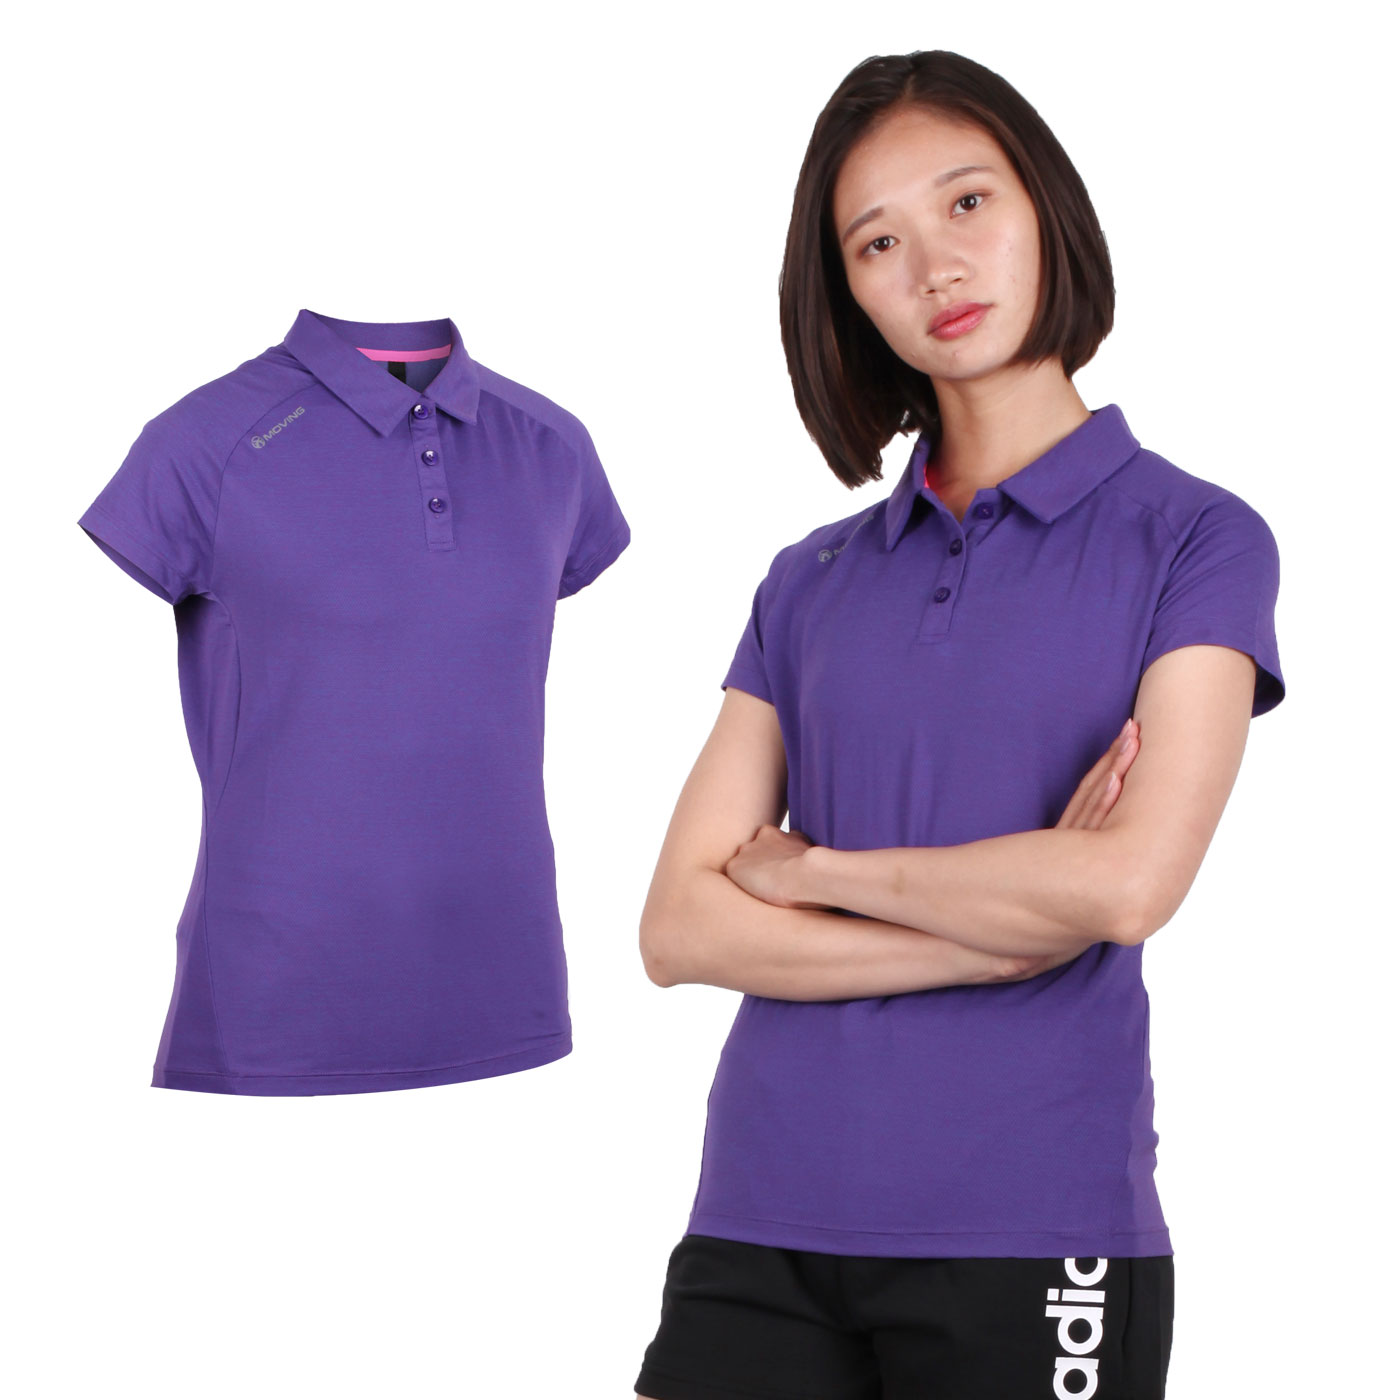 FIRESTAR 女款彈性短袖POLO衫 DL966-18 - 紫